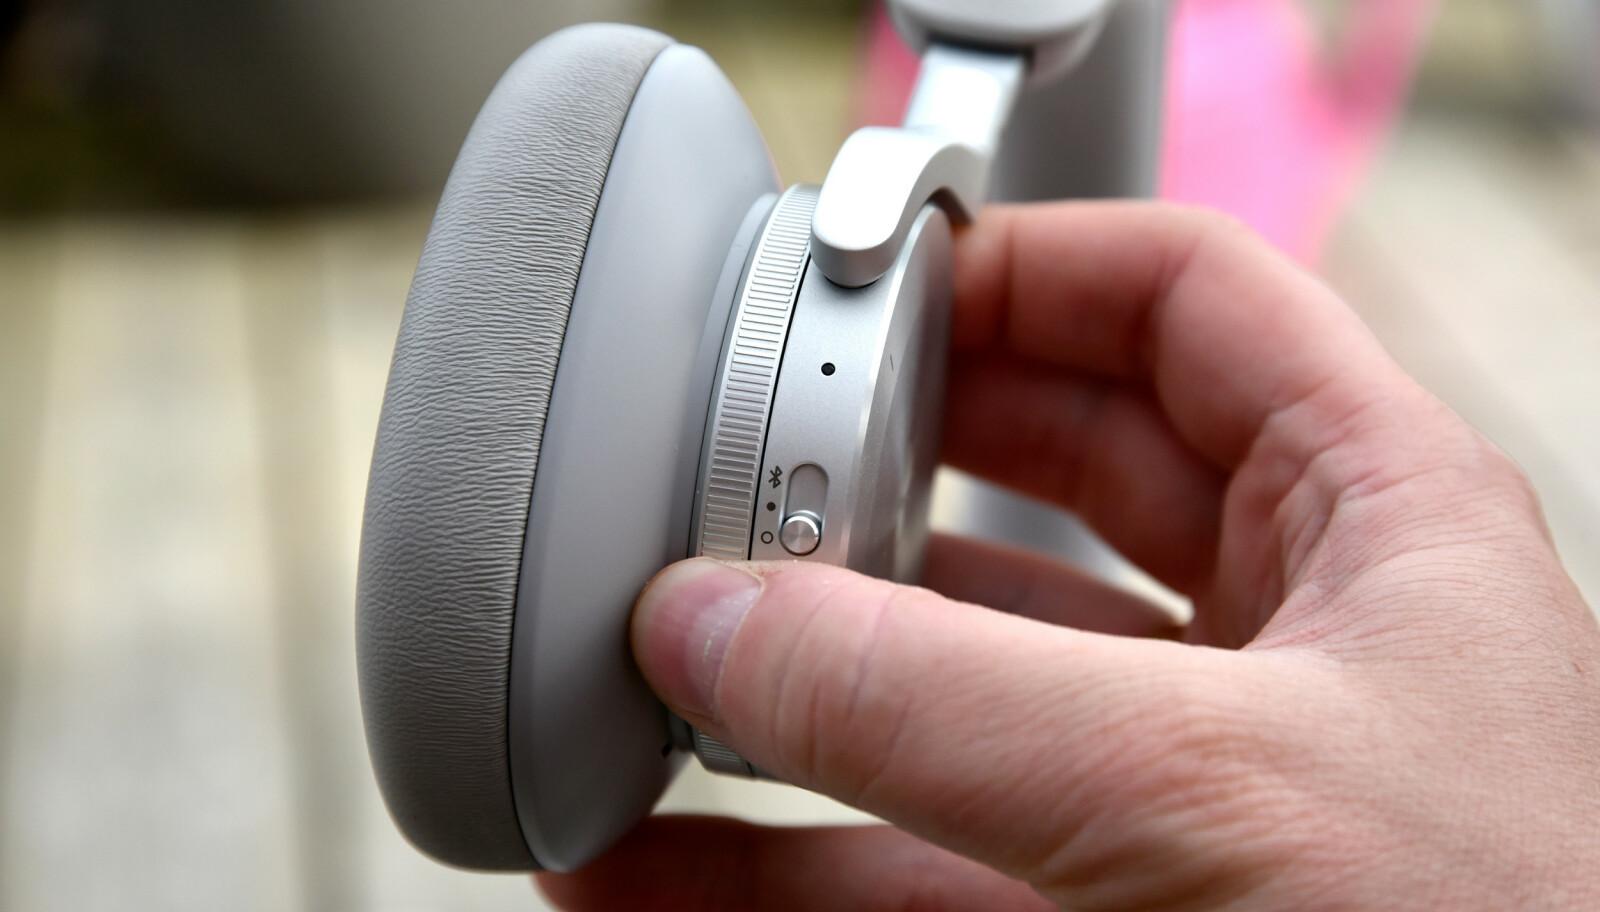 ELSK: Et slik mekanisk hjul finner du på begge klokkene - den høyre styrer volumet og den venstre graden av støydemping/innslipp av lyd. Foto: Pål Joakim Pollen